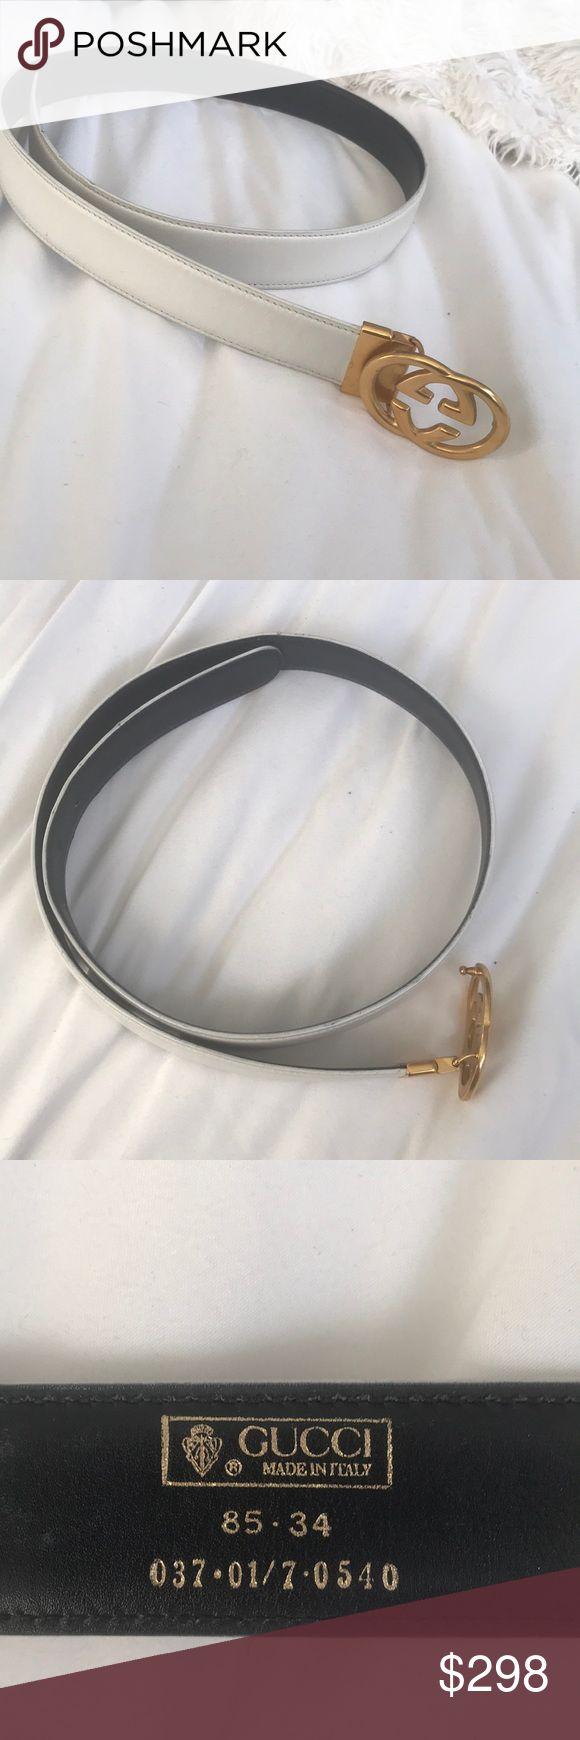 """Reversible authentic gucci belt size 31""""-33"""" Reversible black and white authentic gucci belt size 31""""-33"""" Gucci Accessories Belts"""